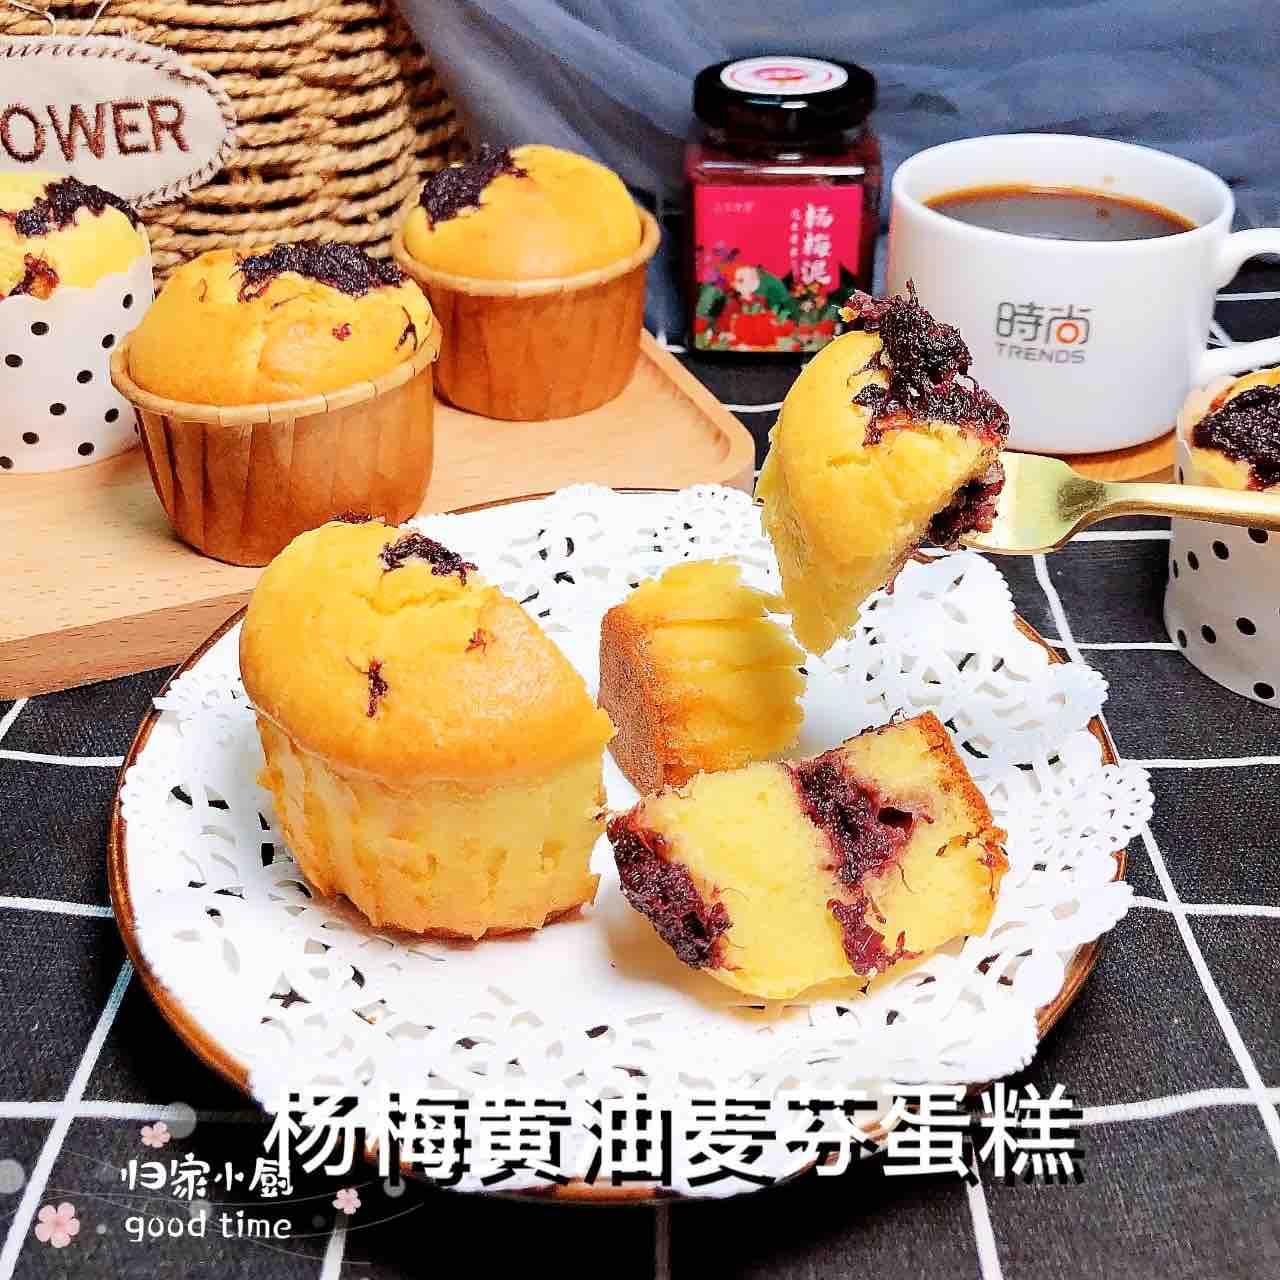 杨梅黄油麦芬蛋糕